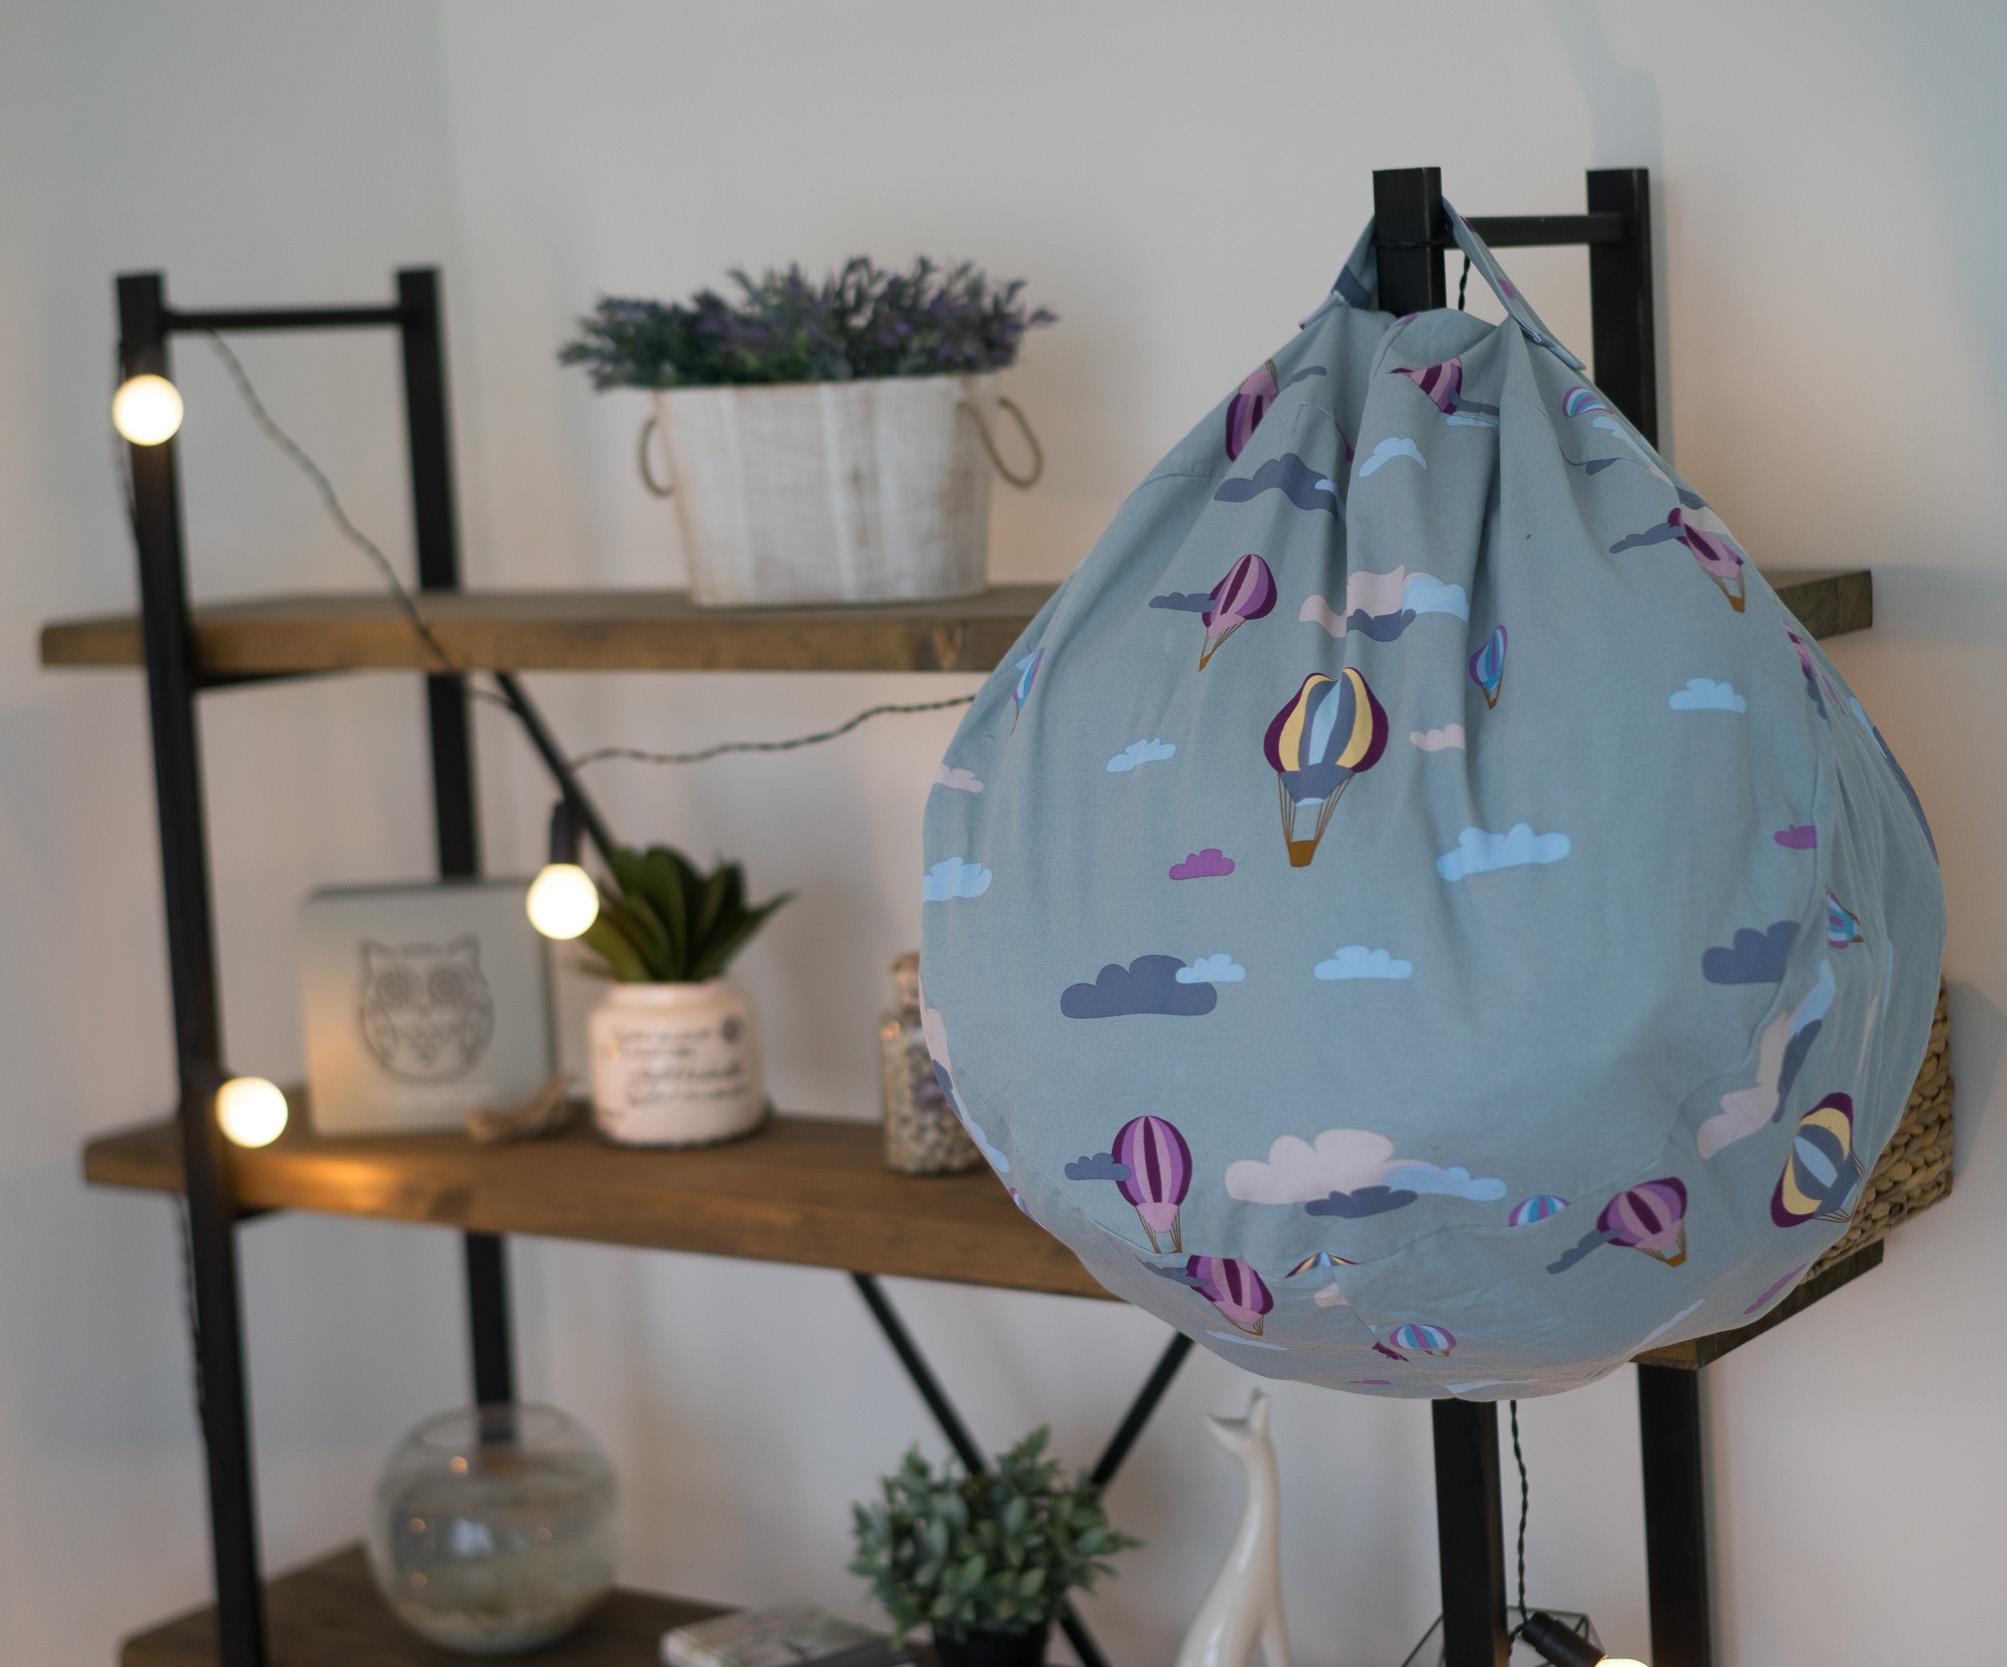 kenley pl schtiere spielzeug aufbewahrung spielzeugkiste korb sitzsack sessel ebay. Black Bedroom Furniture Sets. Home Design Ideas